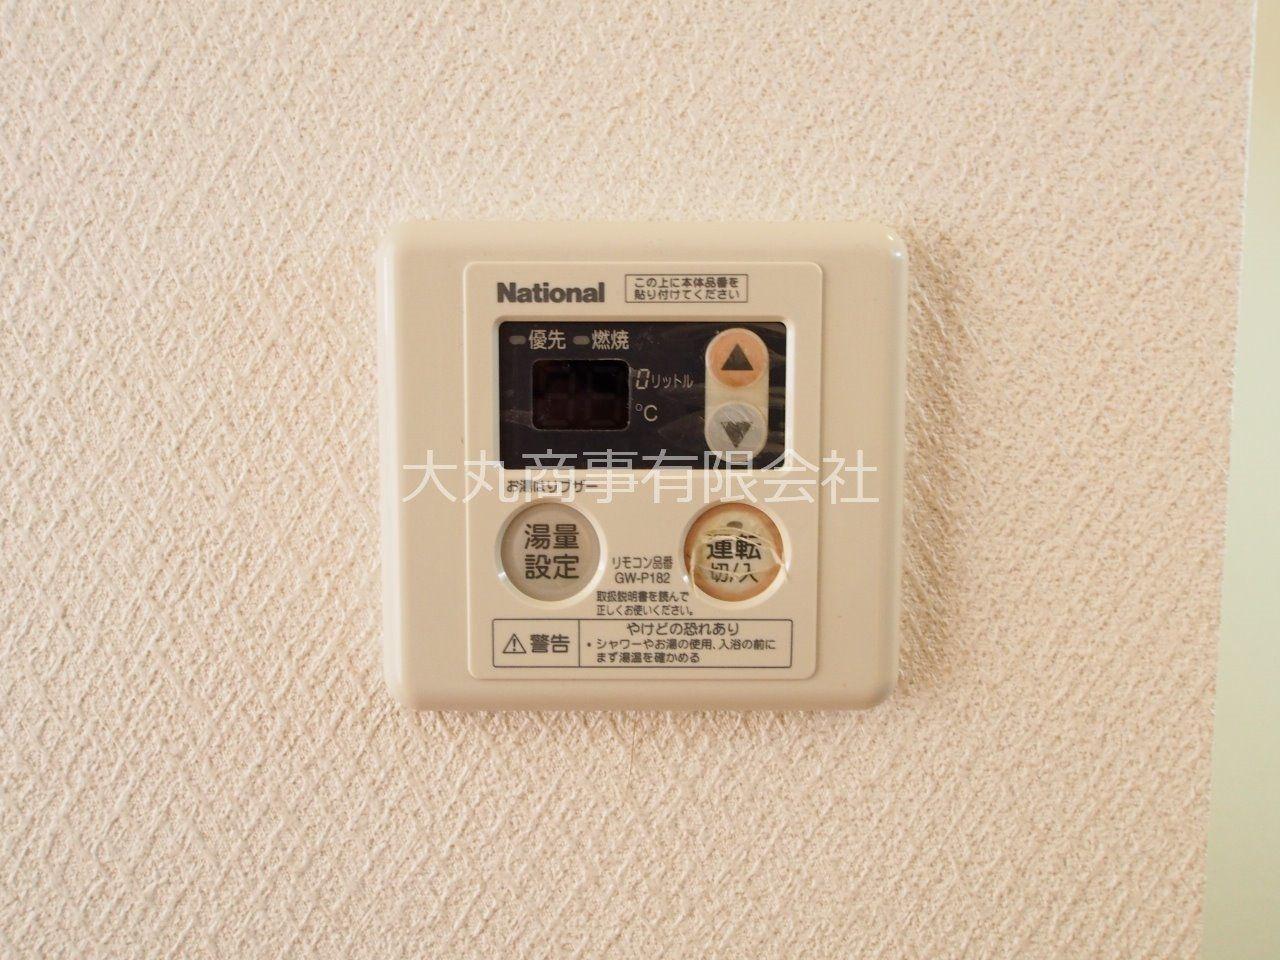 湯温の設定ができる給湯コントローラー